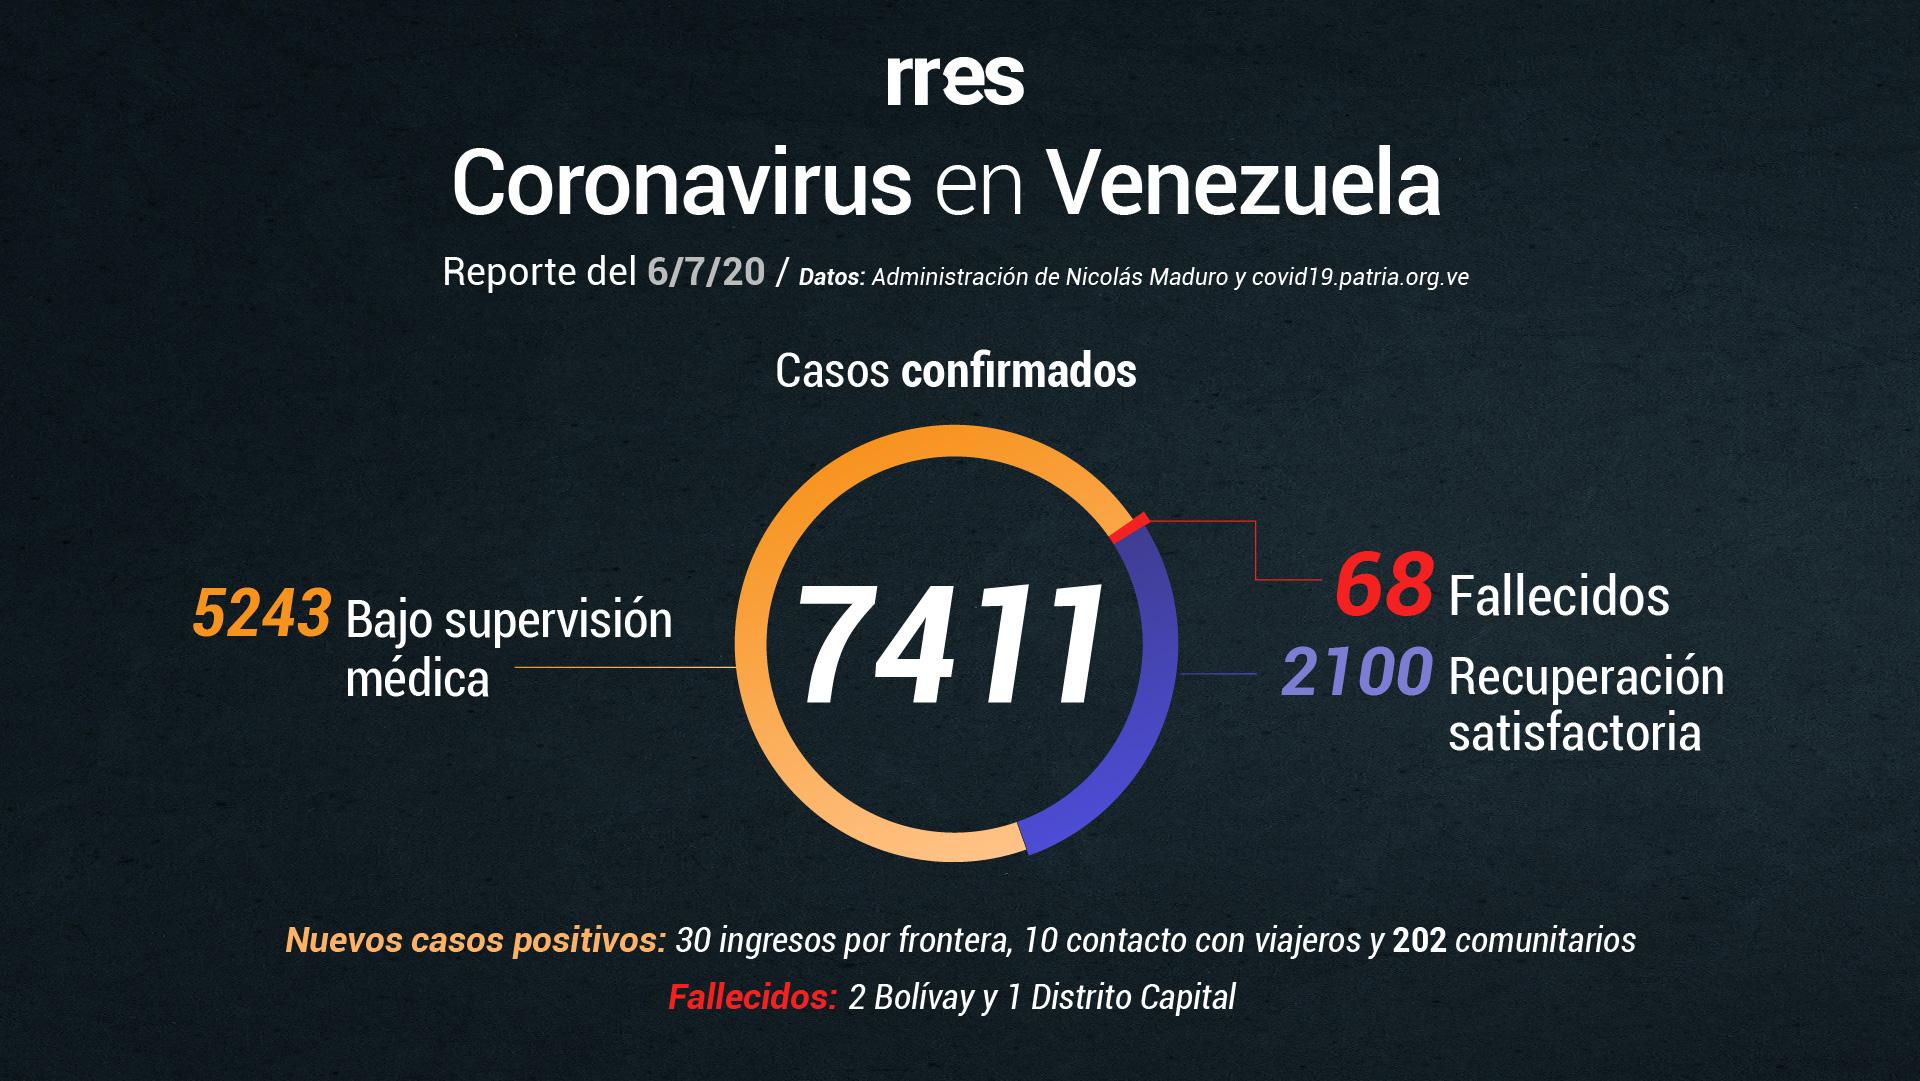 Gobierno reporta 3 muertos por COVID-19 y 242 nuevos casos este #6Jul